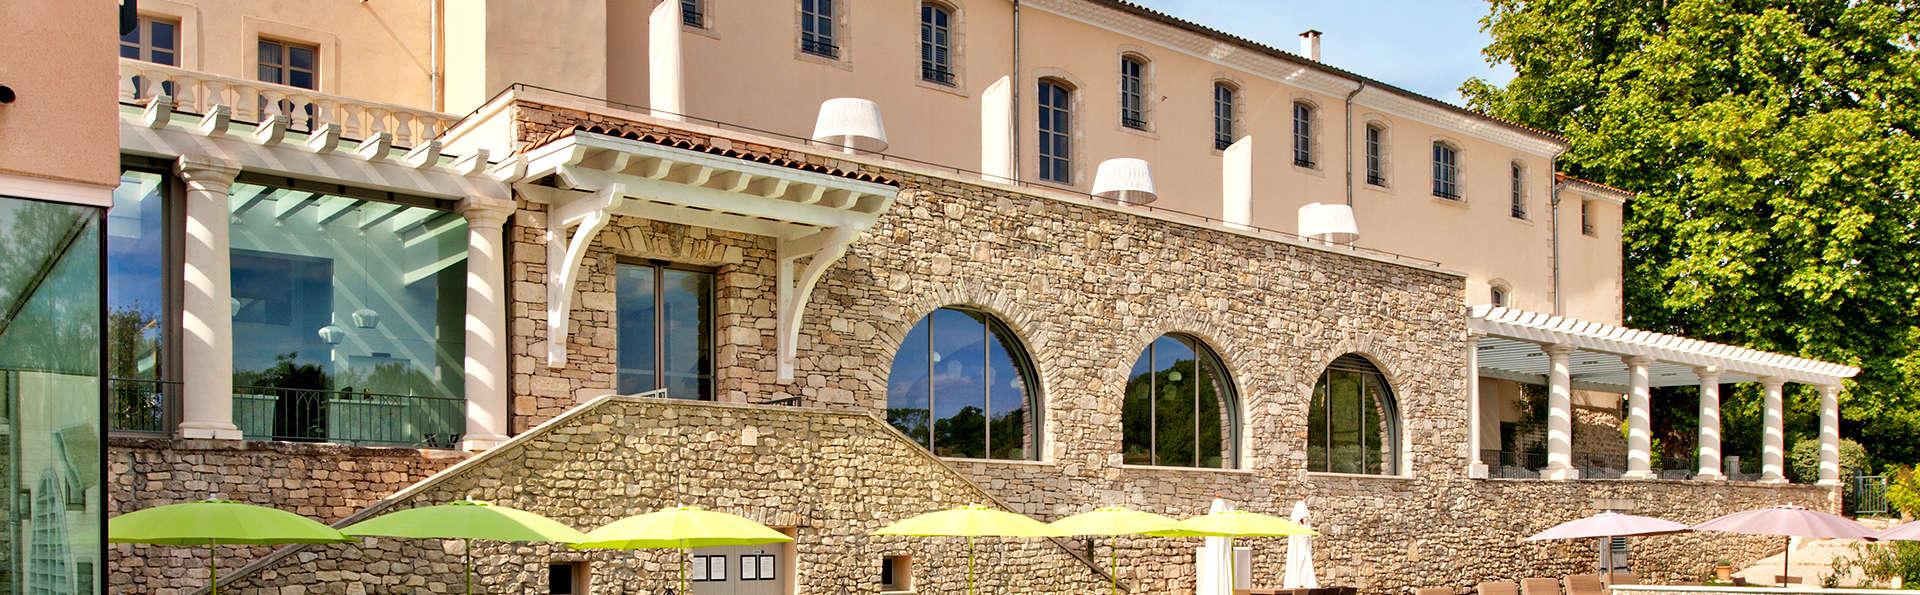 Le Couvent des Minimes Hôtel & Spa L'Occitane - EDIT_NEW_FRONT2.jpg